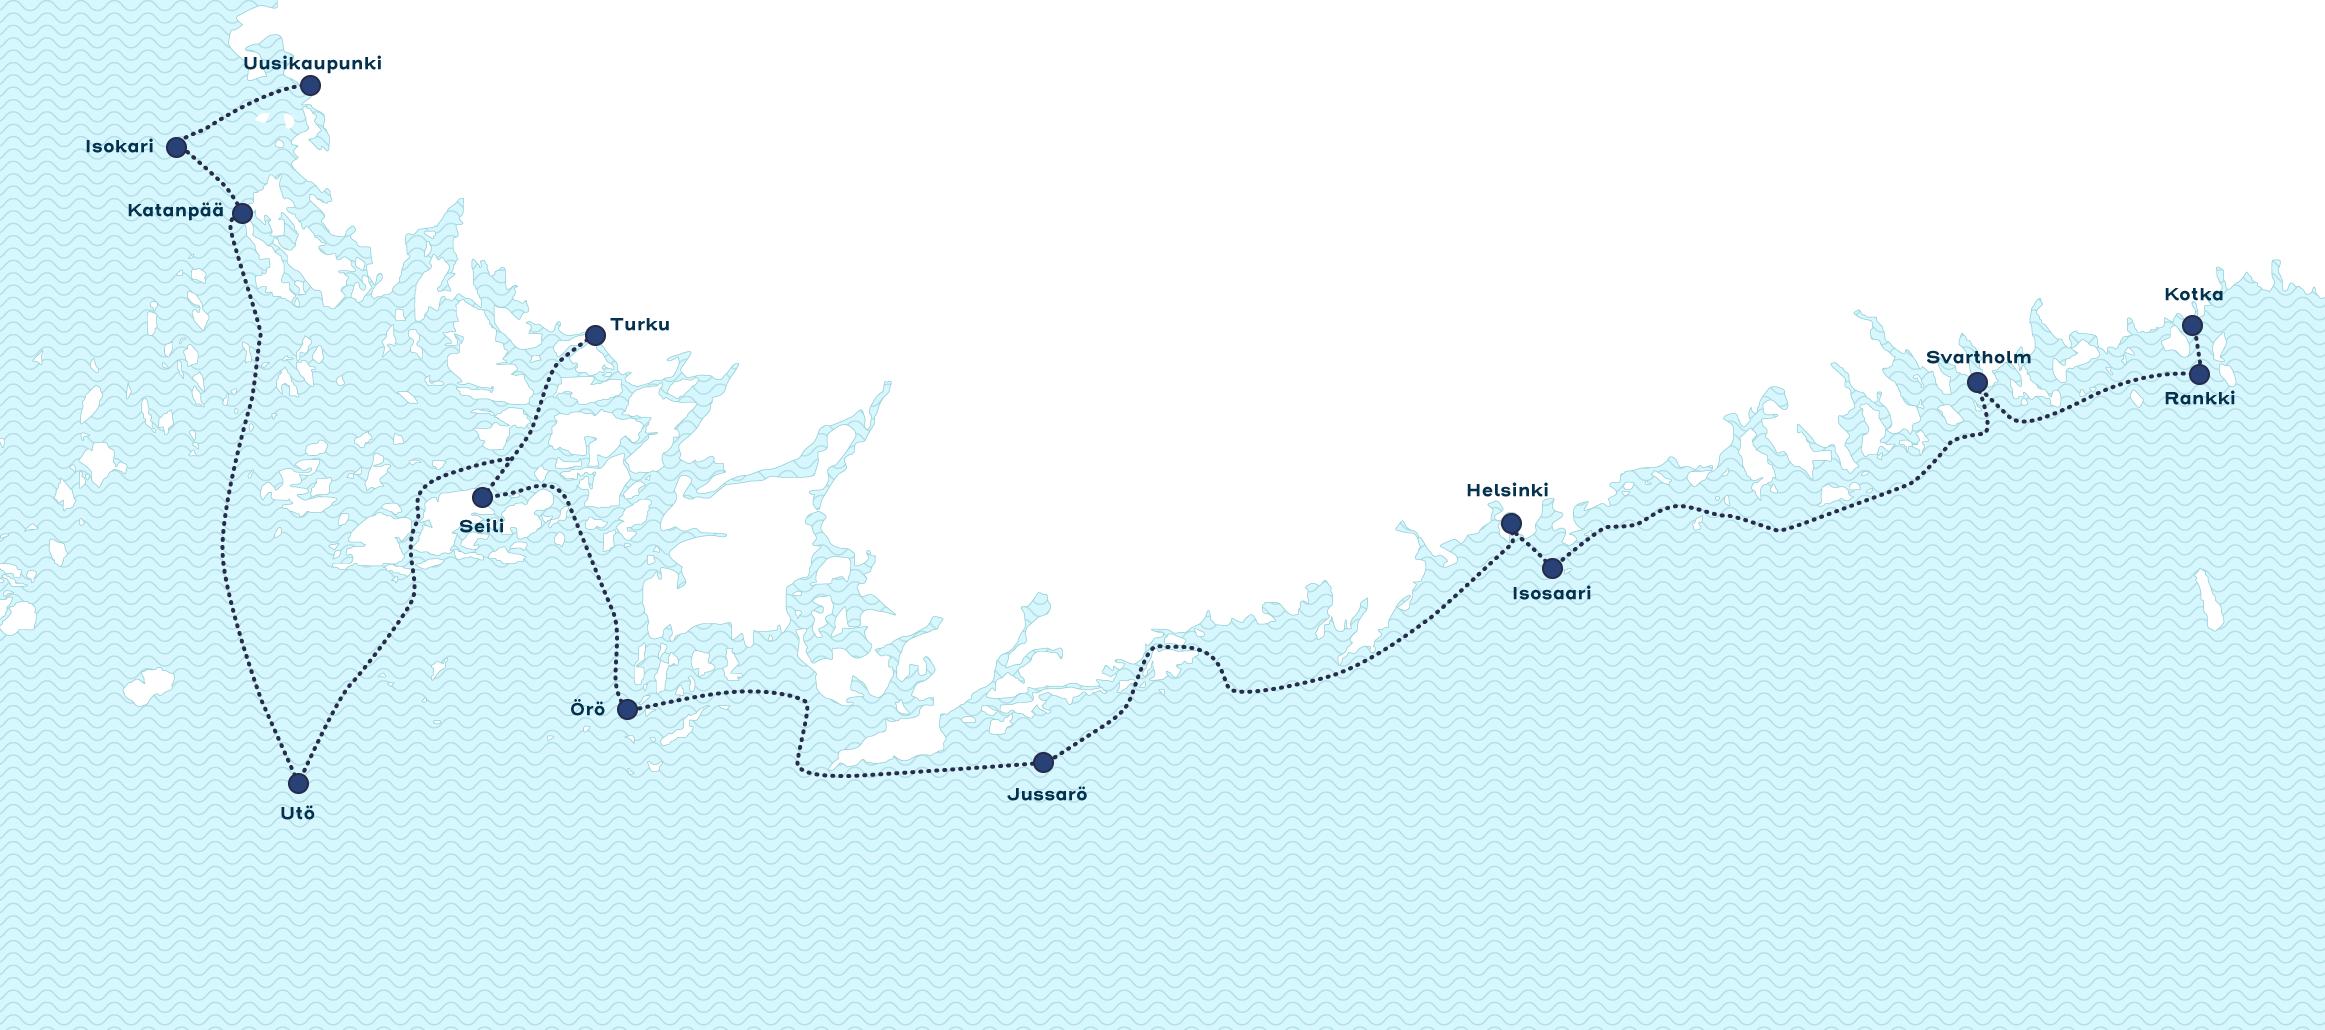 Hurttireitti saaristo kartta